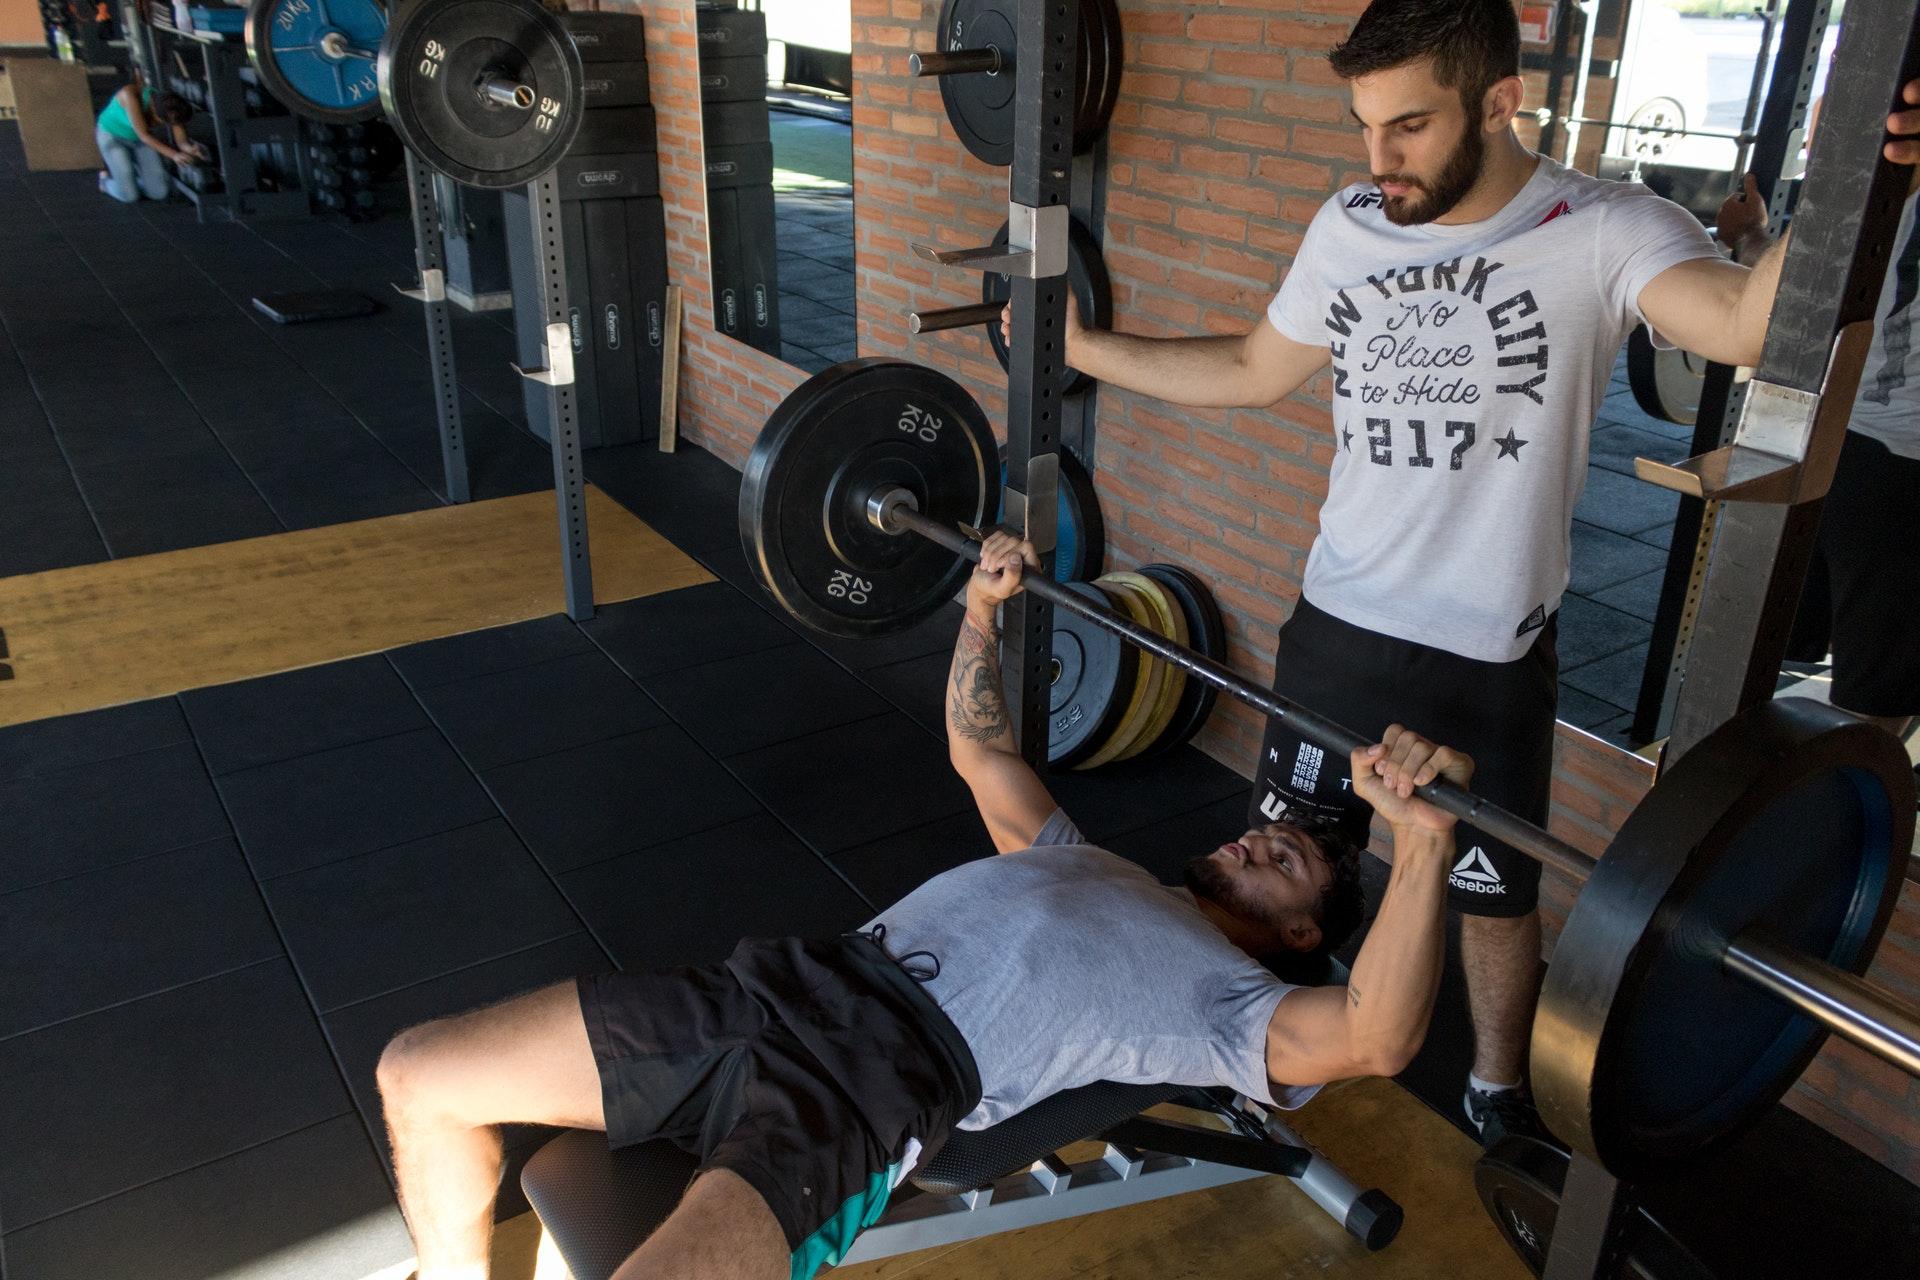 Daily Express: силовые тренировки по 12 минут понизят артериальное давление